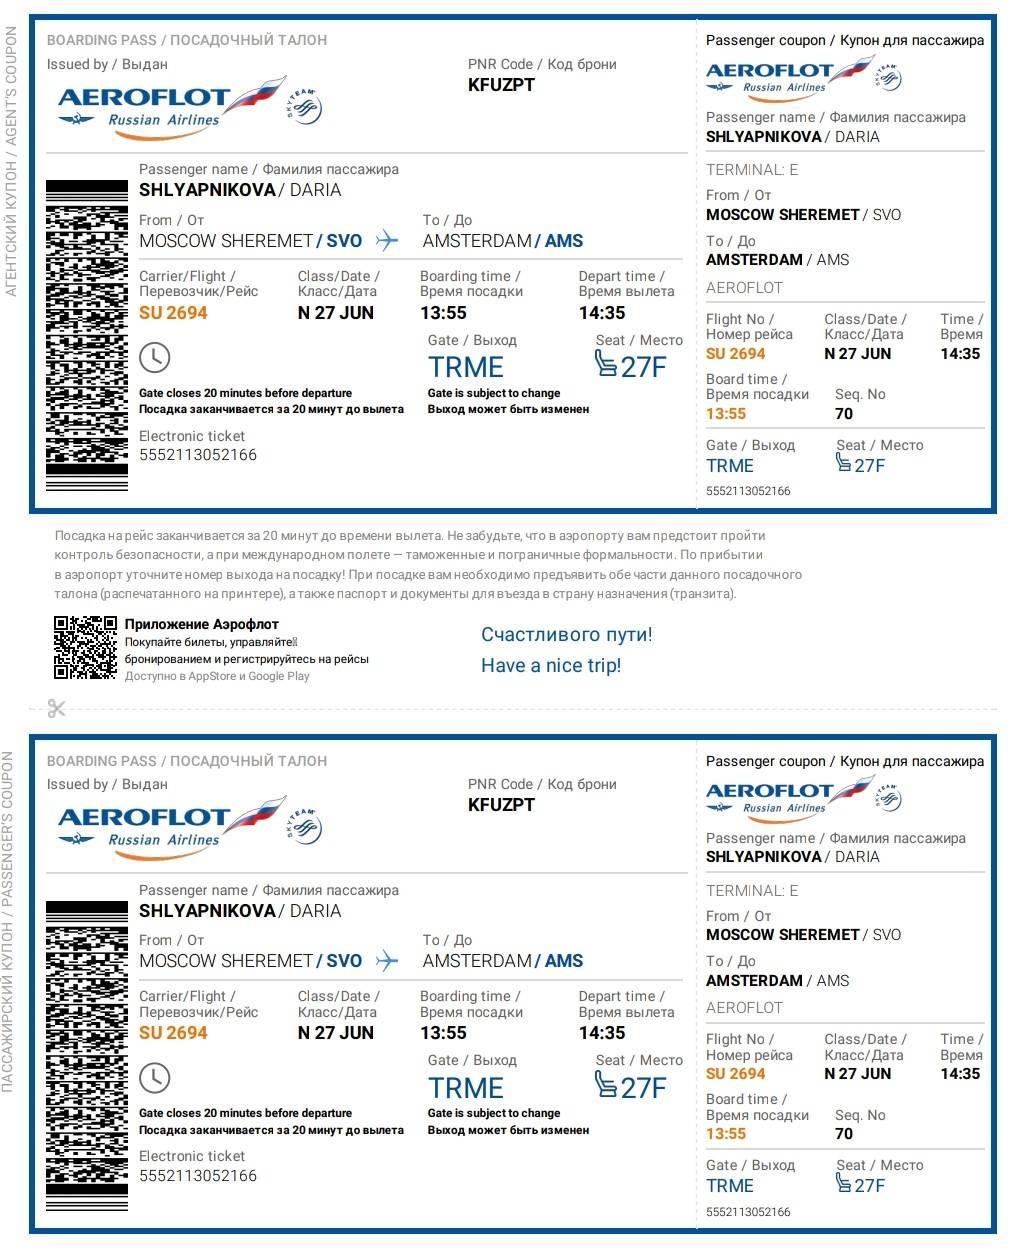 Мой электронный билет на самолет Москва — Амстердам. Я купила билет за 20 тысяч, а ближе к дате фестиваля цены на прямые рейсы выросли в 2 раза